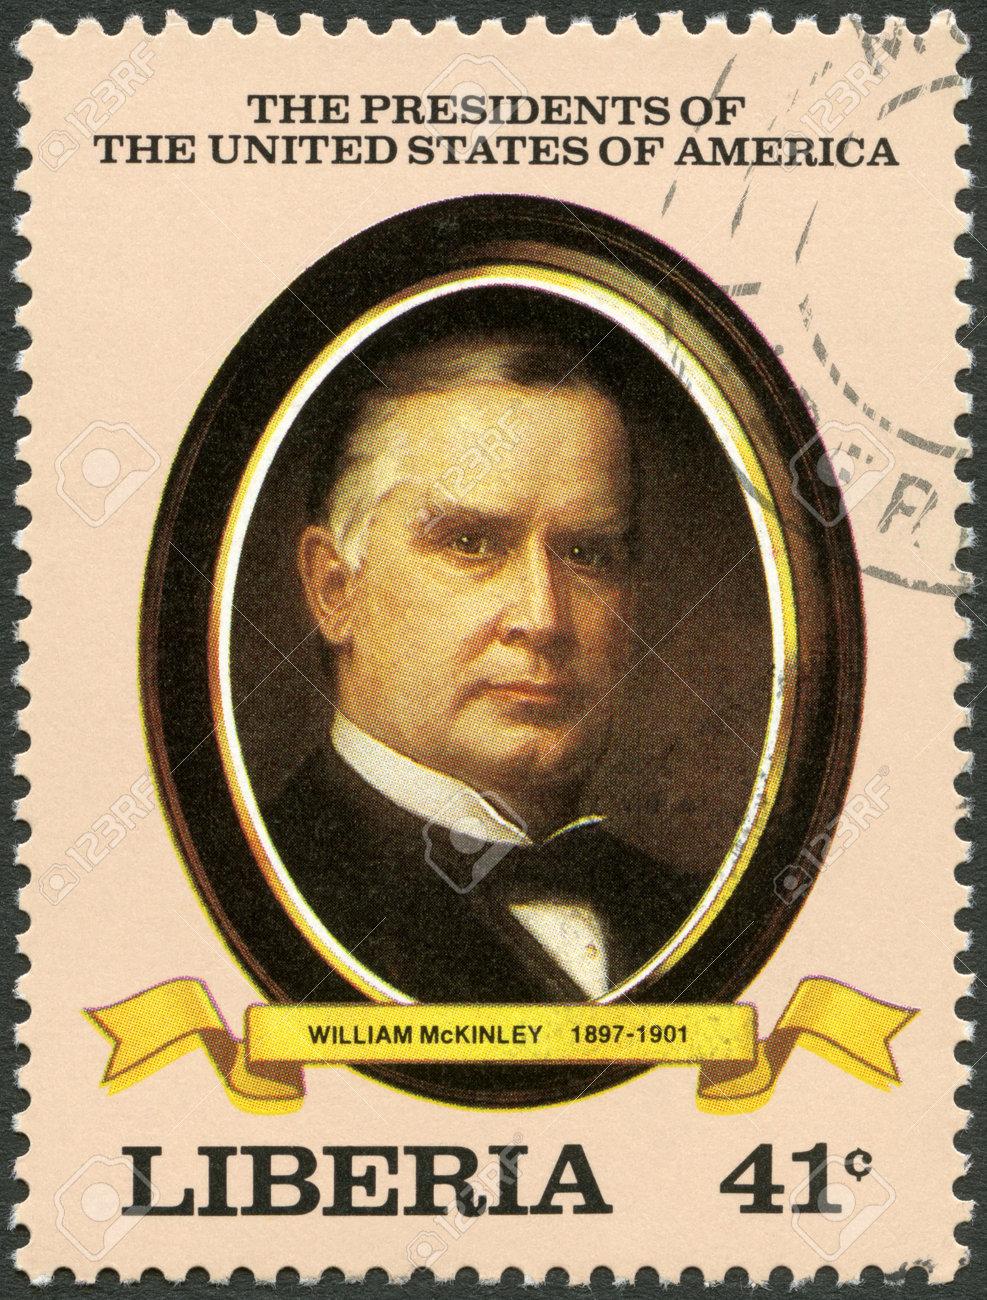 リベリア - 1982 年頃: リベリア大統領ウィリアム マッキンリー (1897 ...